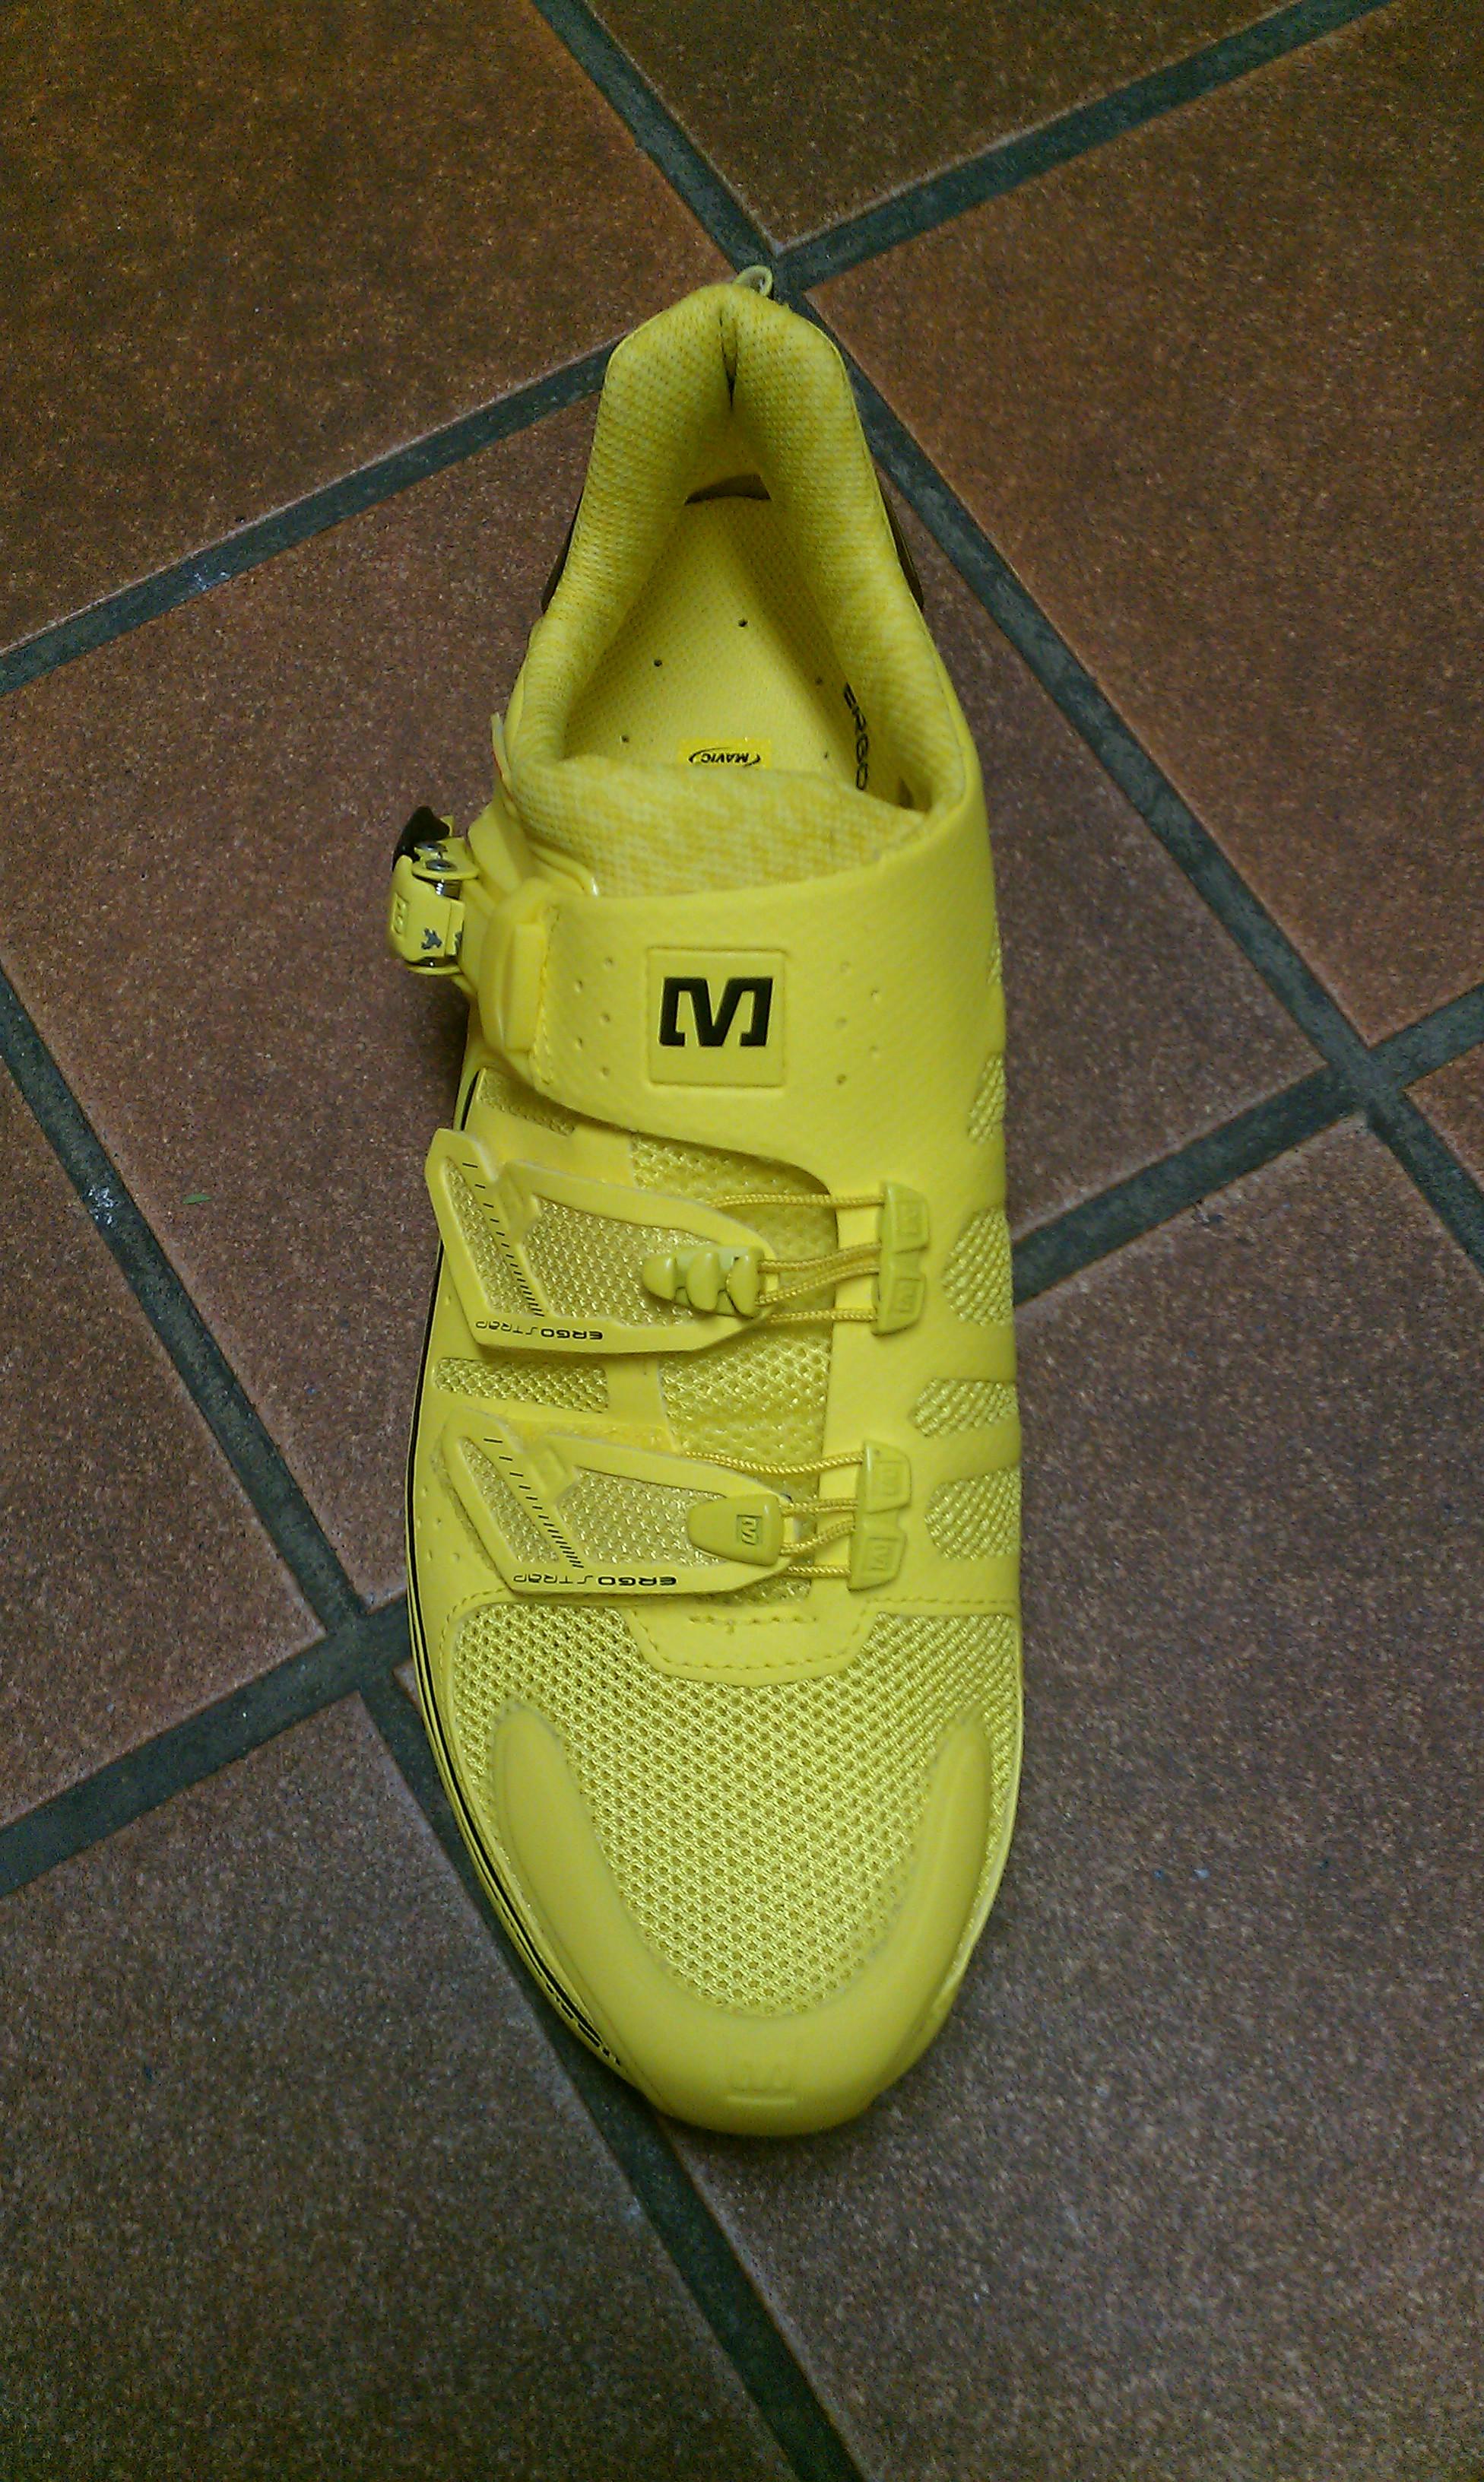 Mavic Zxellium gelb - Vorderansicht